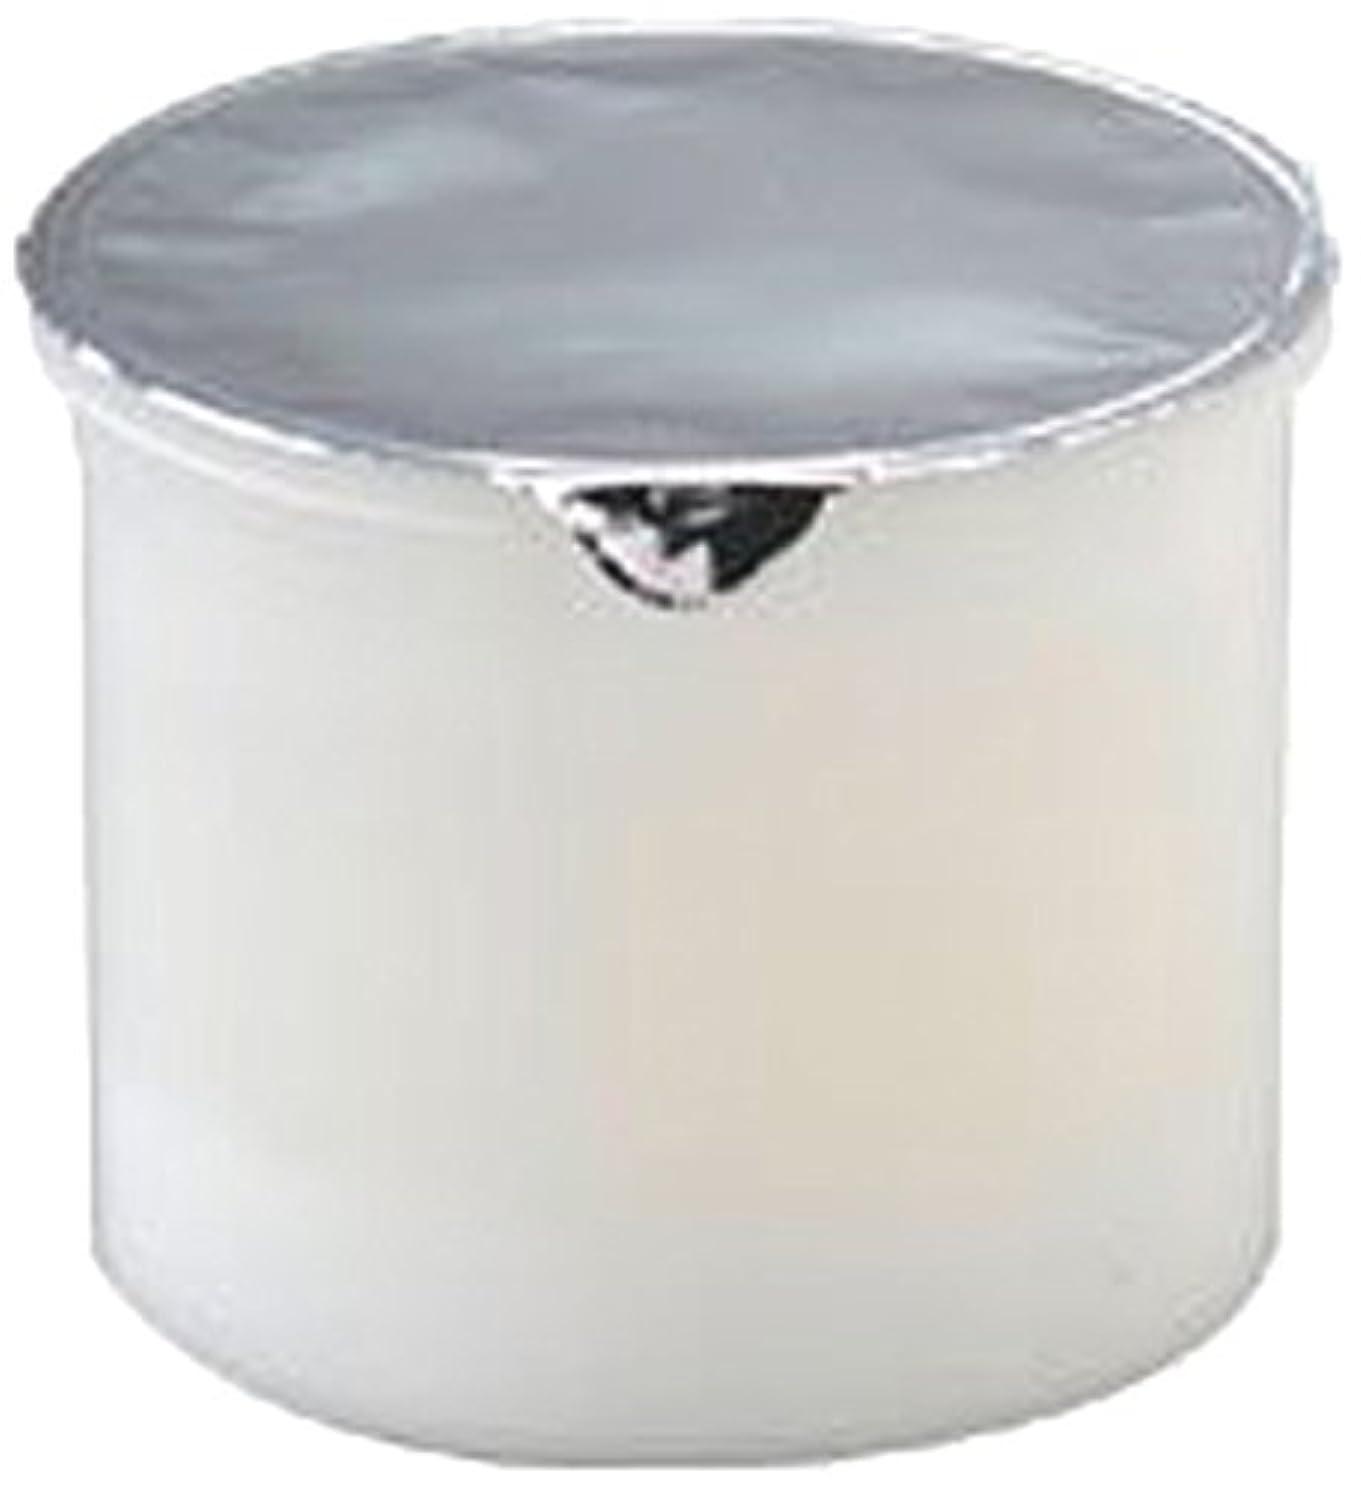 練習糞ワイプラシンシア クリアホワイト(W)レフィル 50g